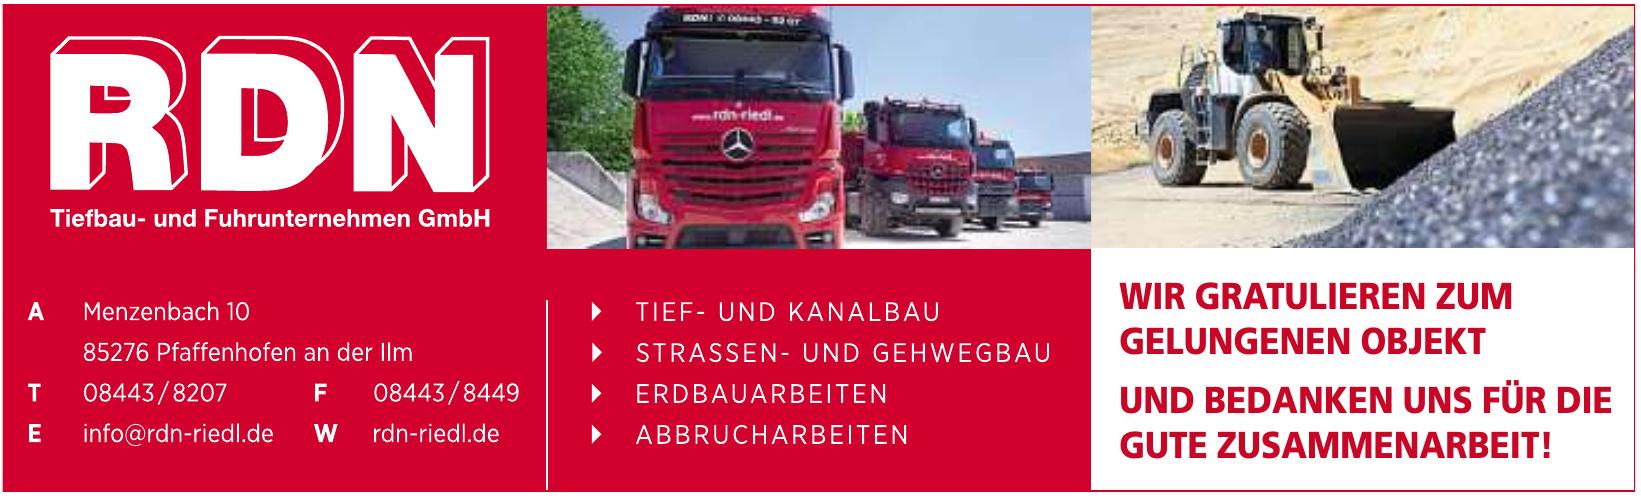 RDN Tiefbau- und Fuhrunternehmen GmbH